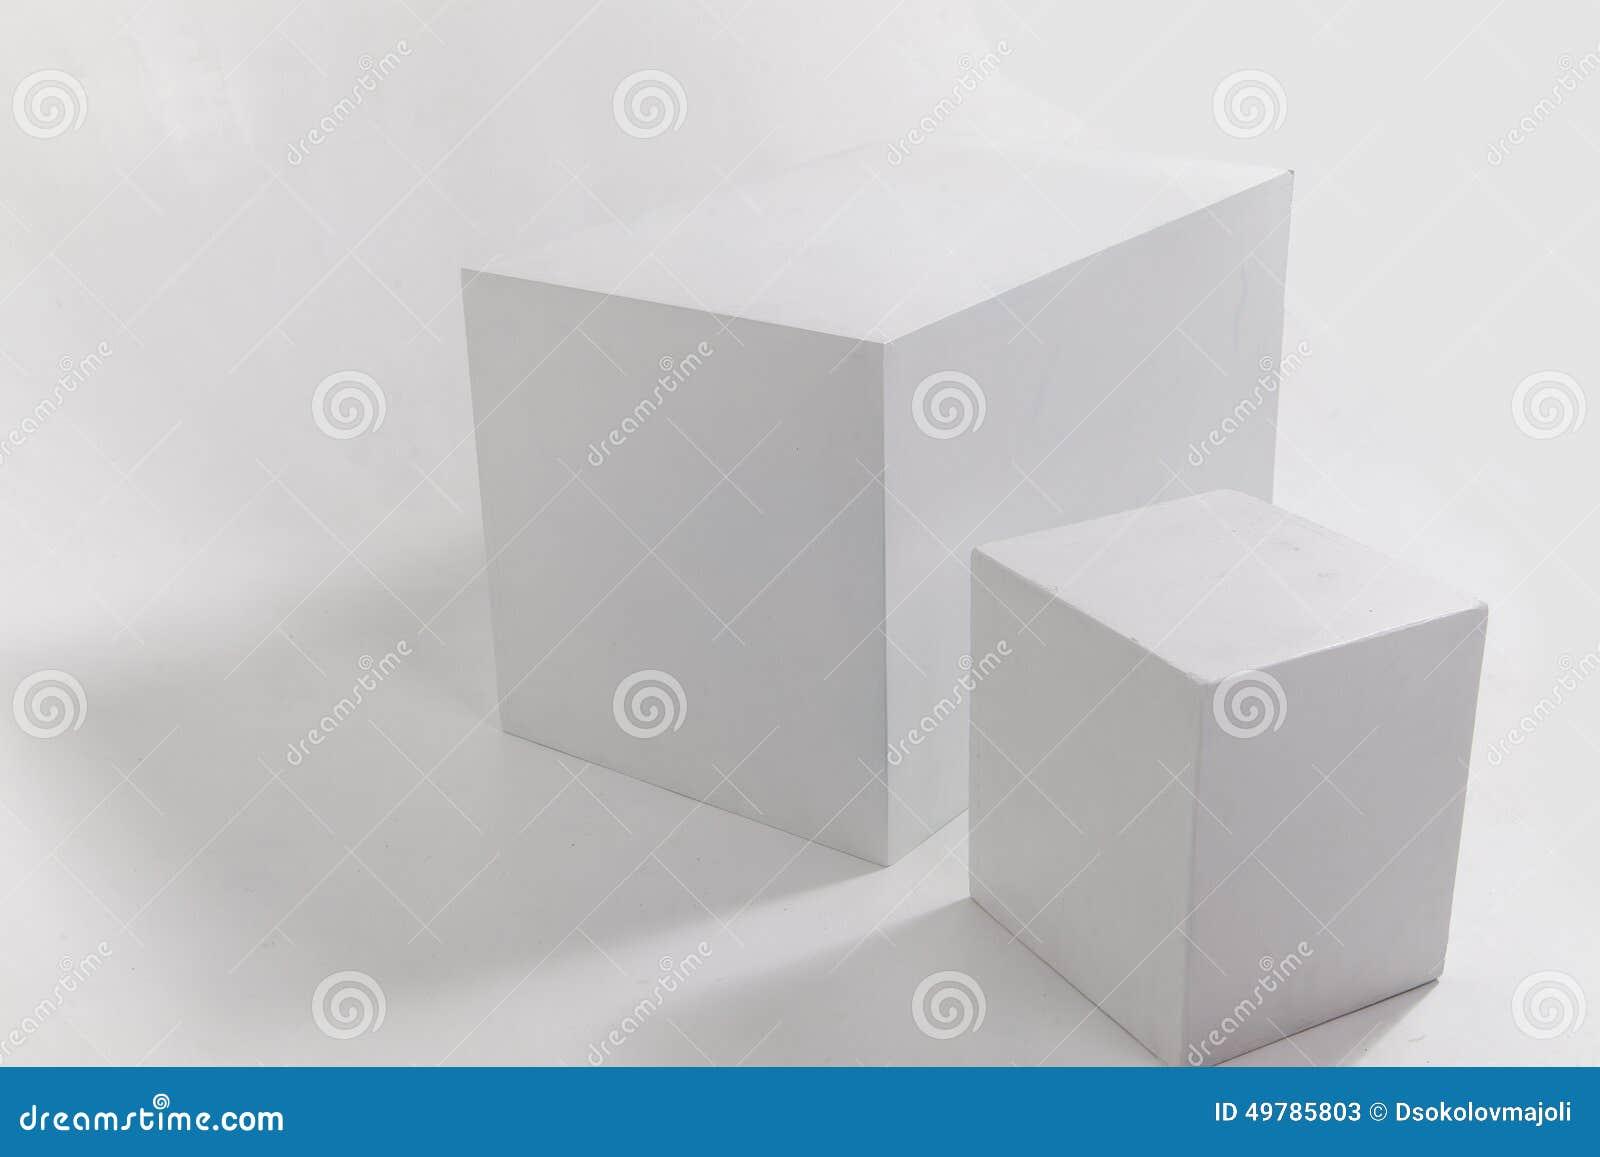 zwei wei e w rfel auf wei er wand stockbild bild von ausstellung nahaufnahme 49785803. Black Bedroom Furniture Sets. Home Design Ideas